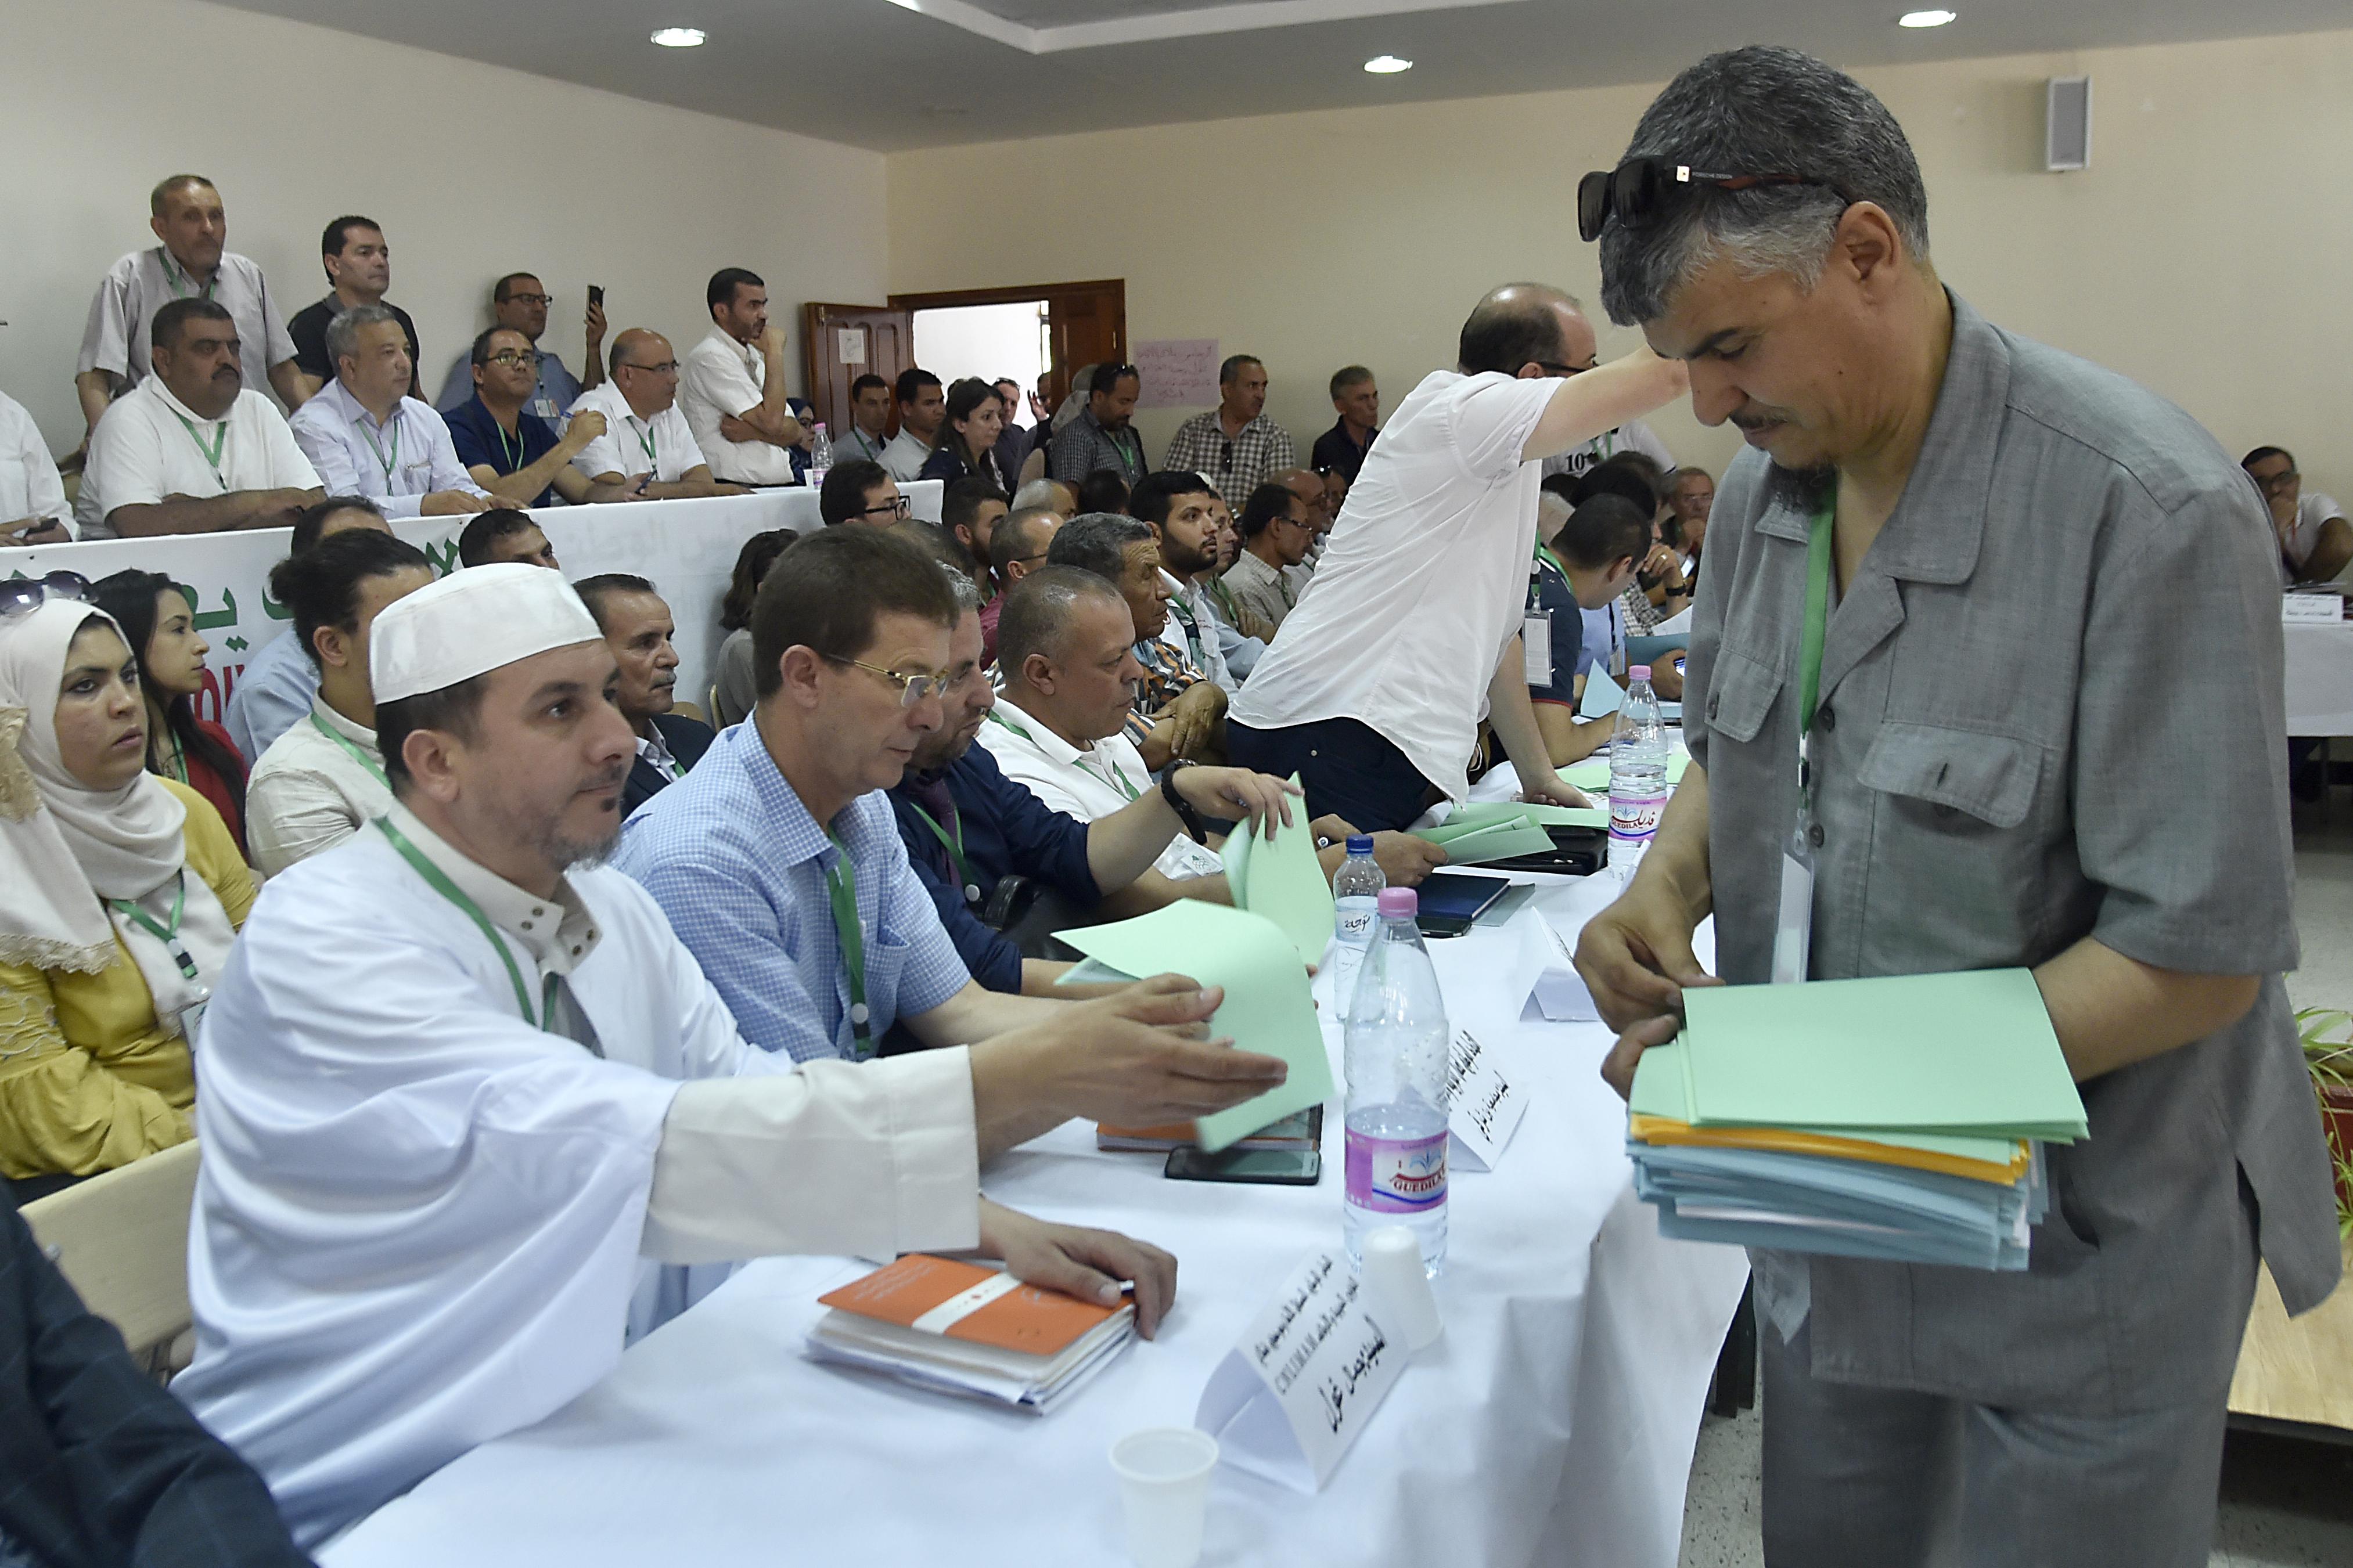 توزيع نص أرضية مبادرة الوطنية لفعاليات المجتمع المدني بالجزائر